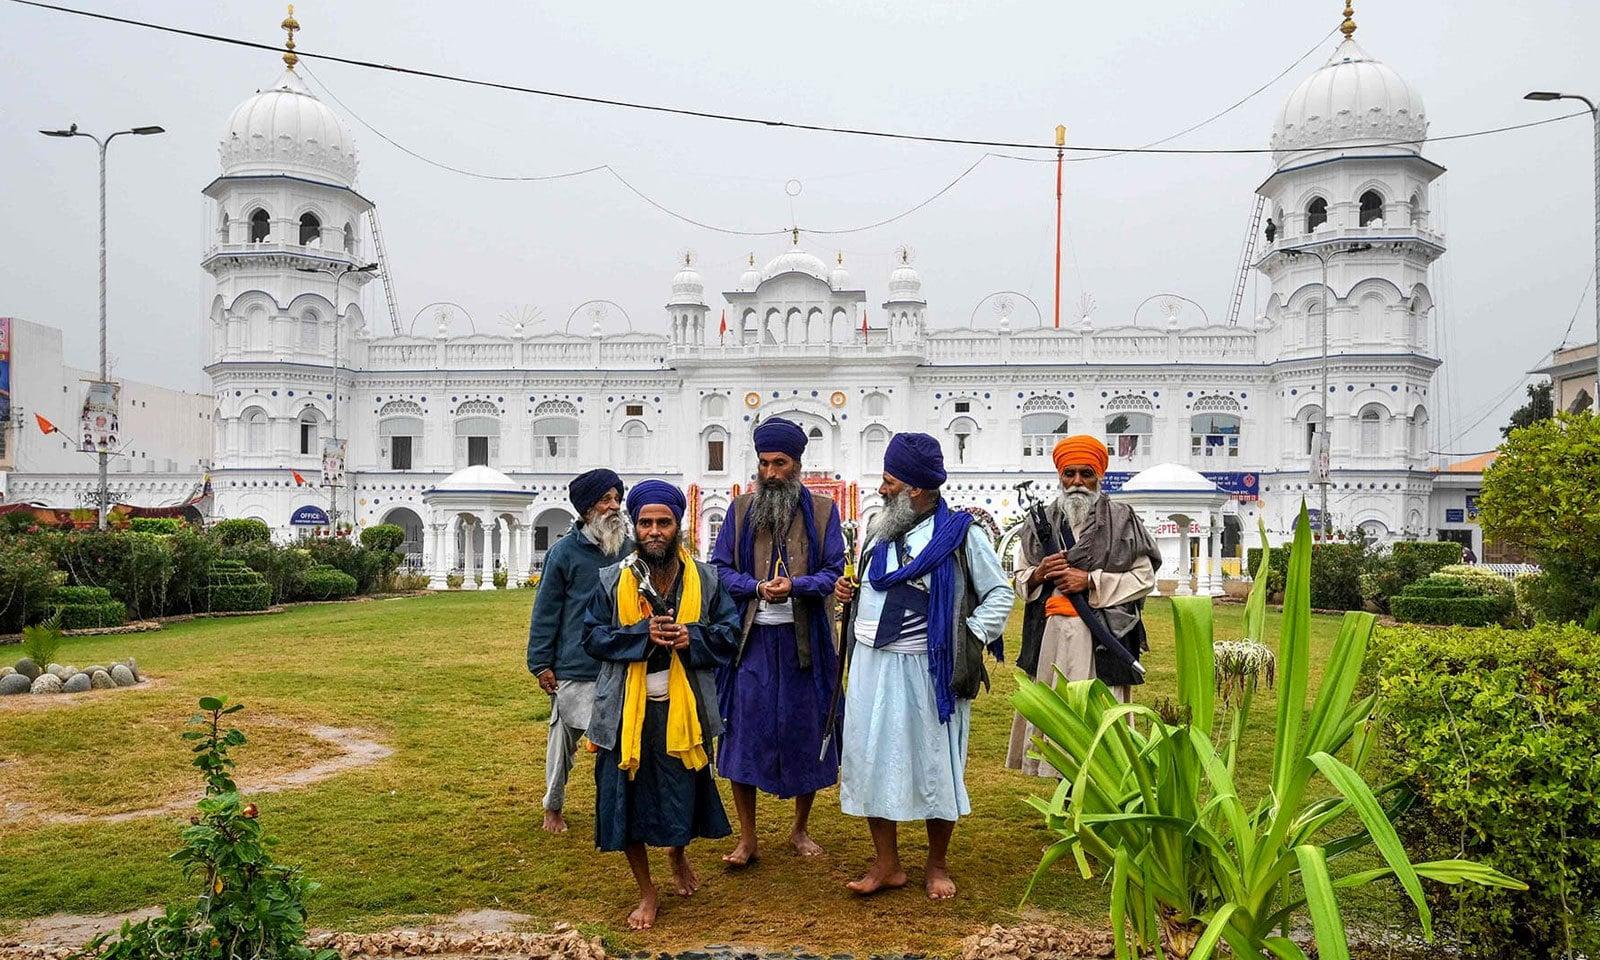 سکھ زائرین مزار کی زیارت کے بعد باہر آرہے ہیں — فوٹو: اے ایف پی